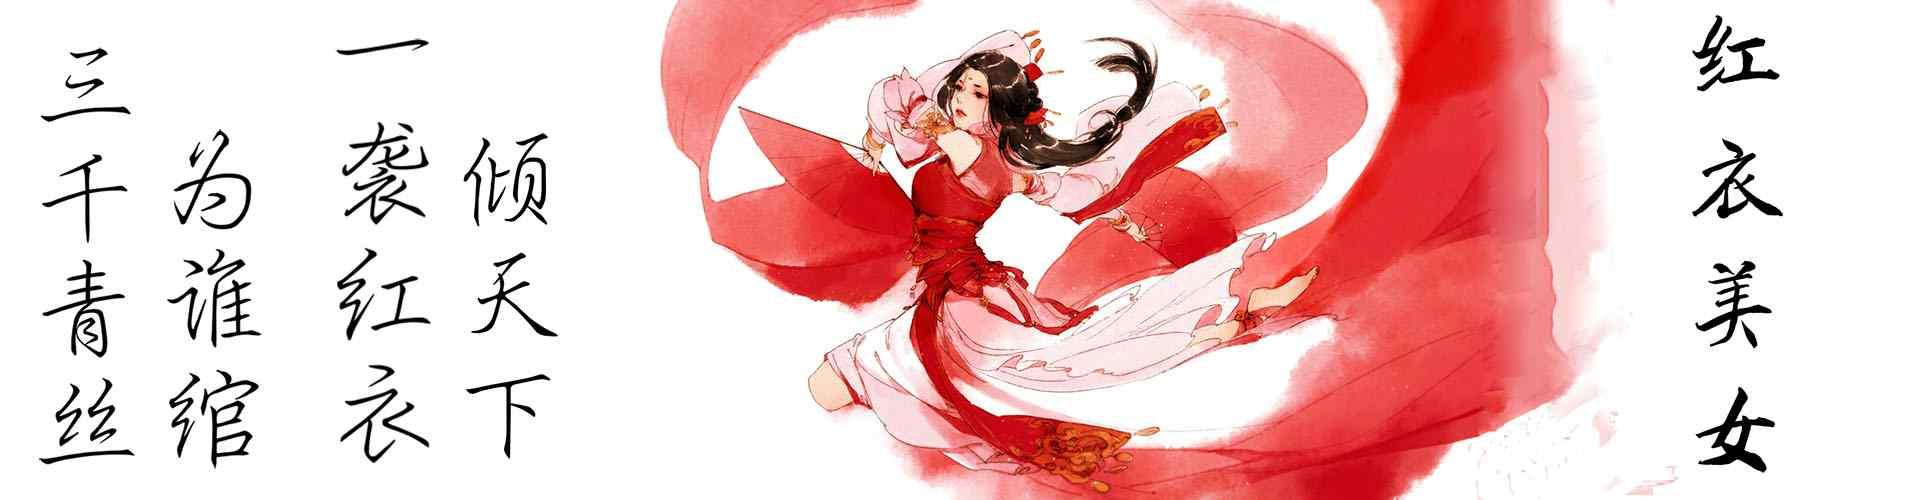 红衣美女_红衣美女图片_古风红衣美女图片_手绘红衣美女图片_美女图片